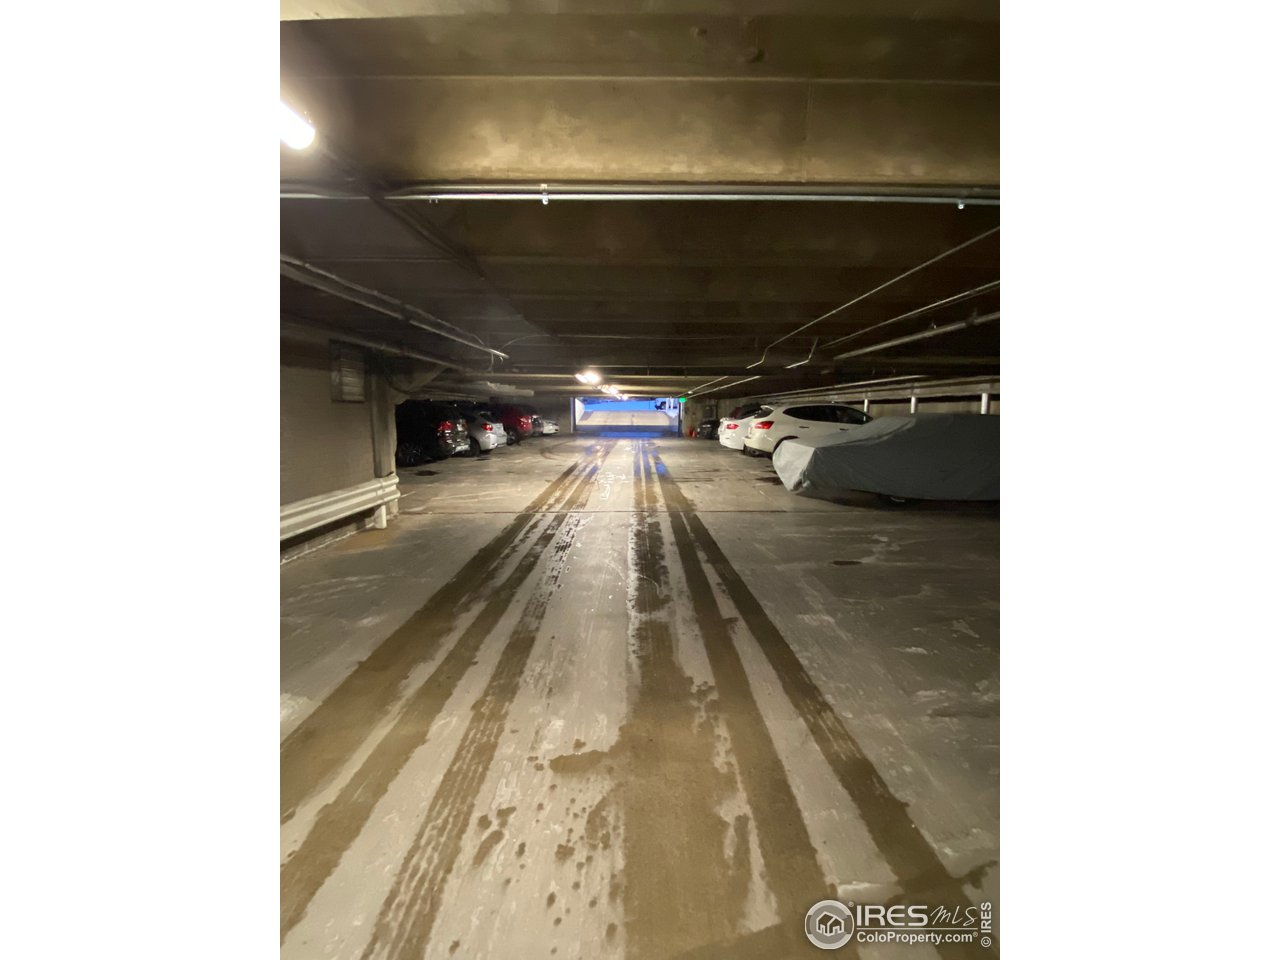 parking garage-  spot #85 reserved